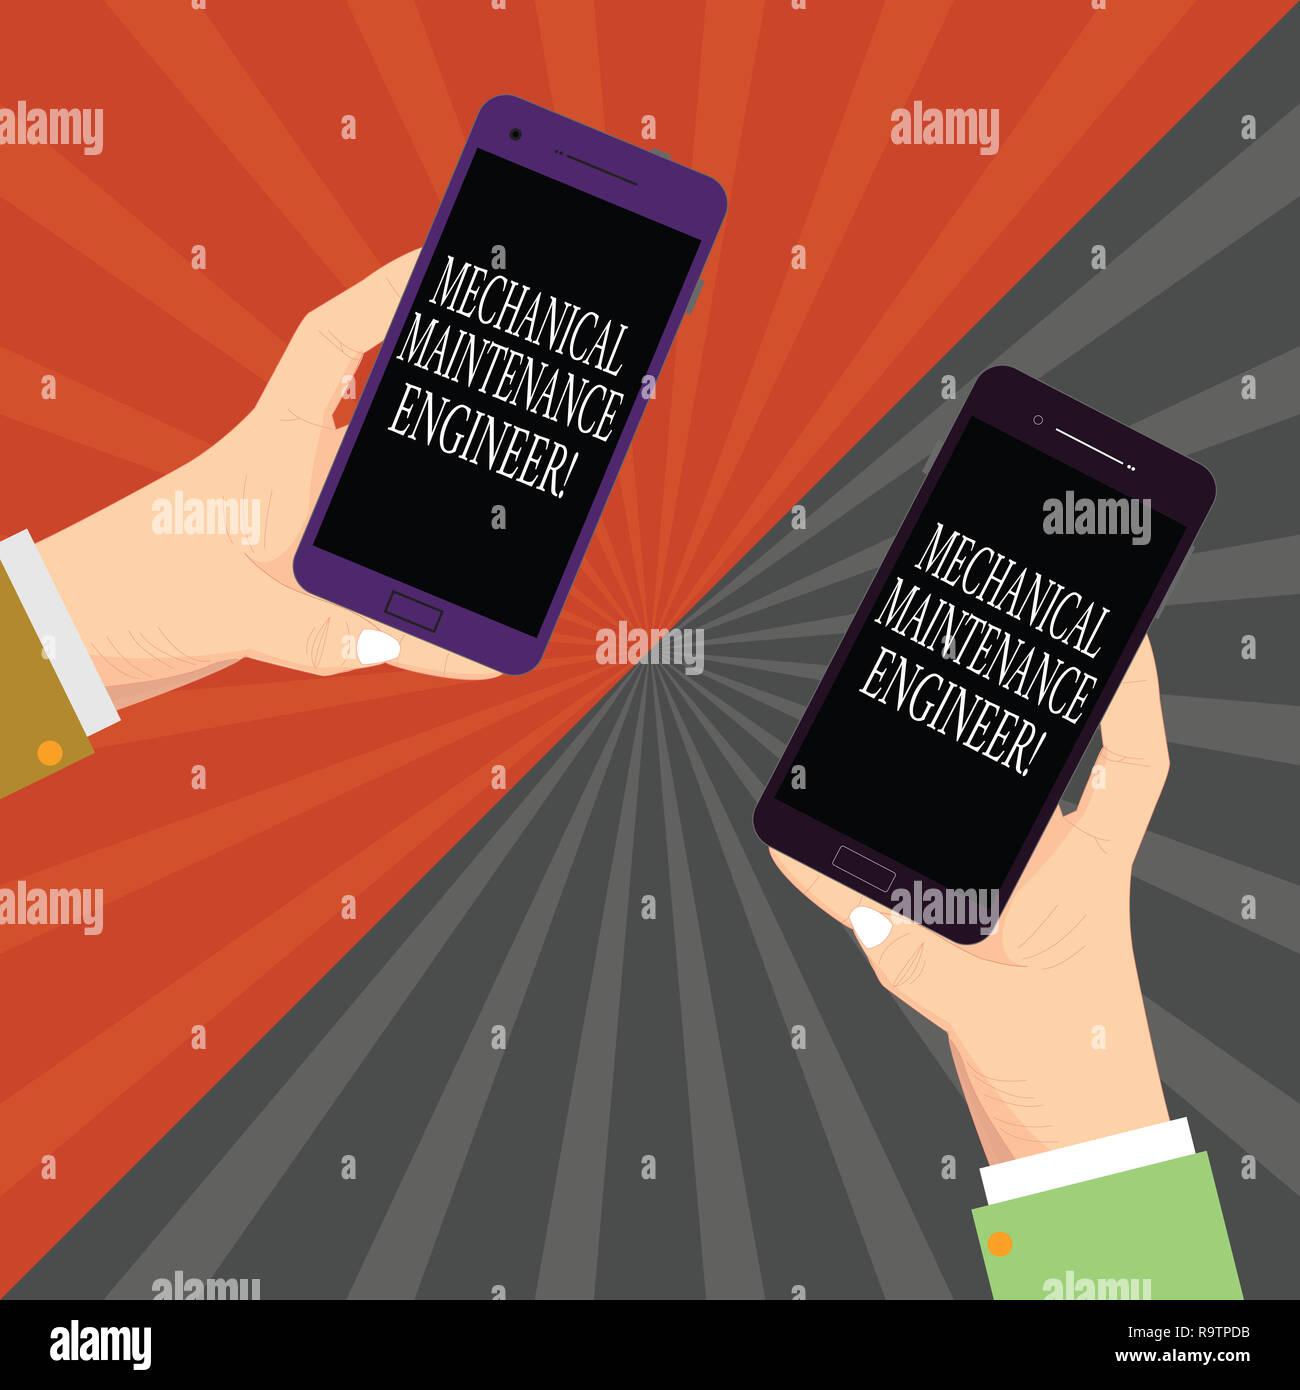 Text Zeichen zeigen, Wartung der Mechanik Ingenieur. Konzeptionelle Foto verantwortlich für Maschinen Effizienz Zwei Hu-Analyse Hände Jeweils leere Smart Stockbild